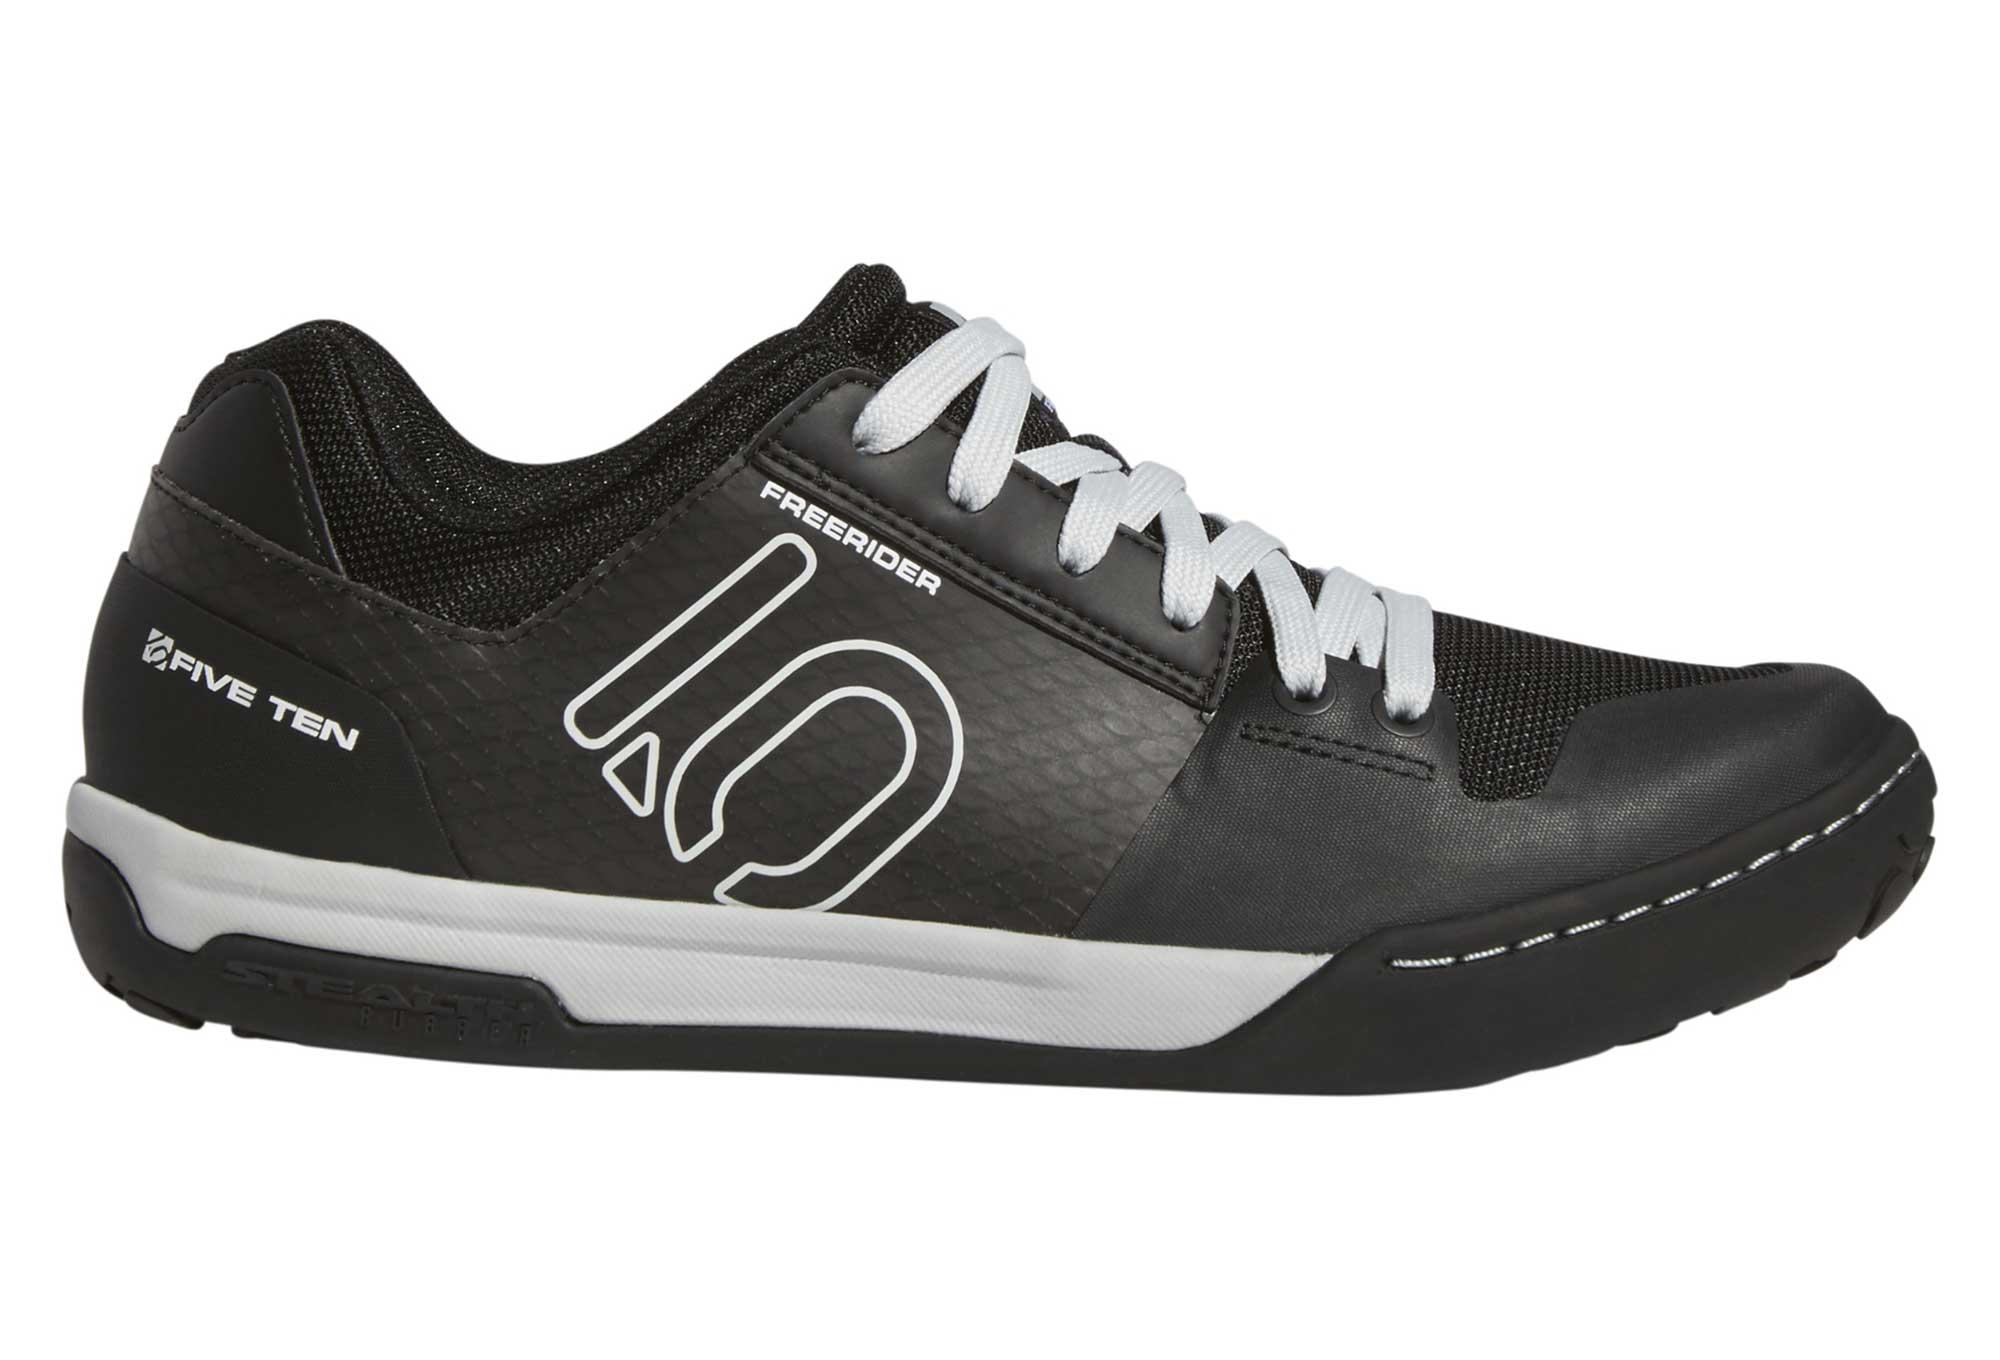 los recién llegados 1550a de0f8 Fiveten Freerider Contacto Zapatos Negro